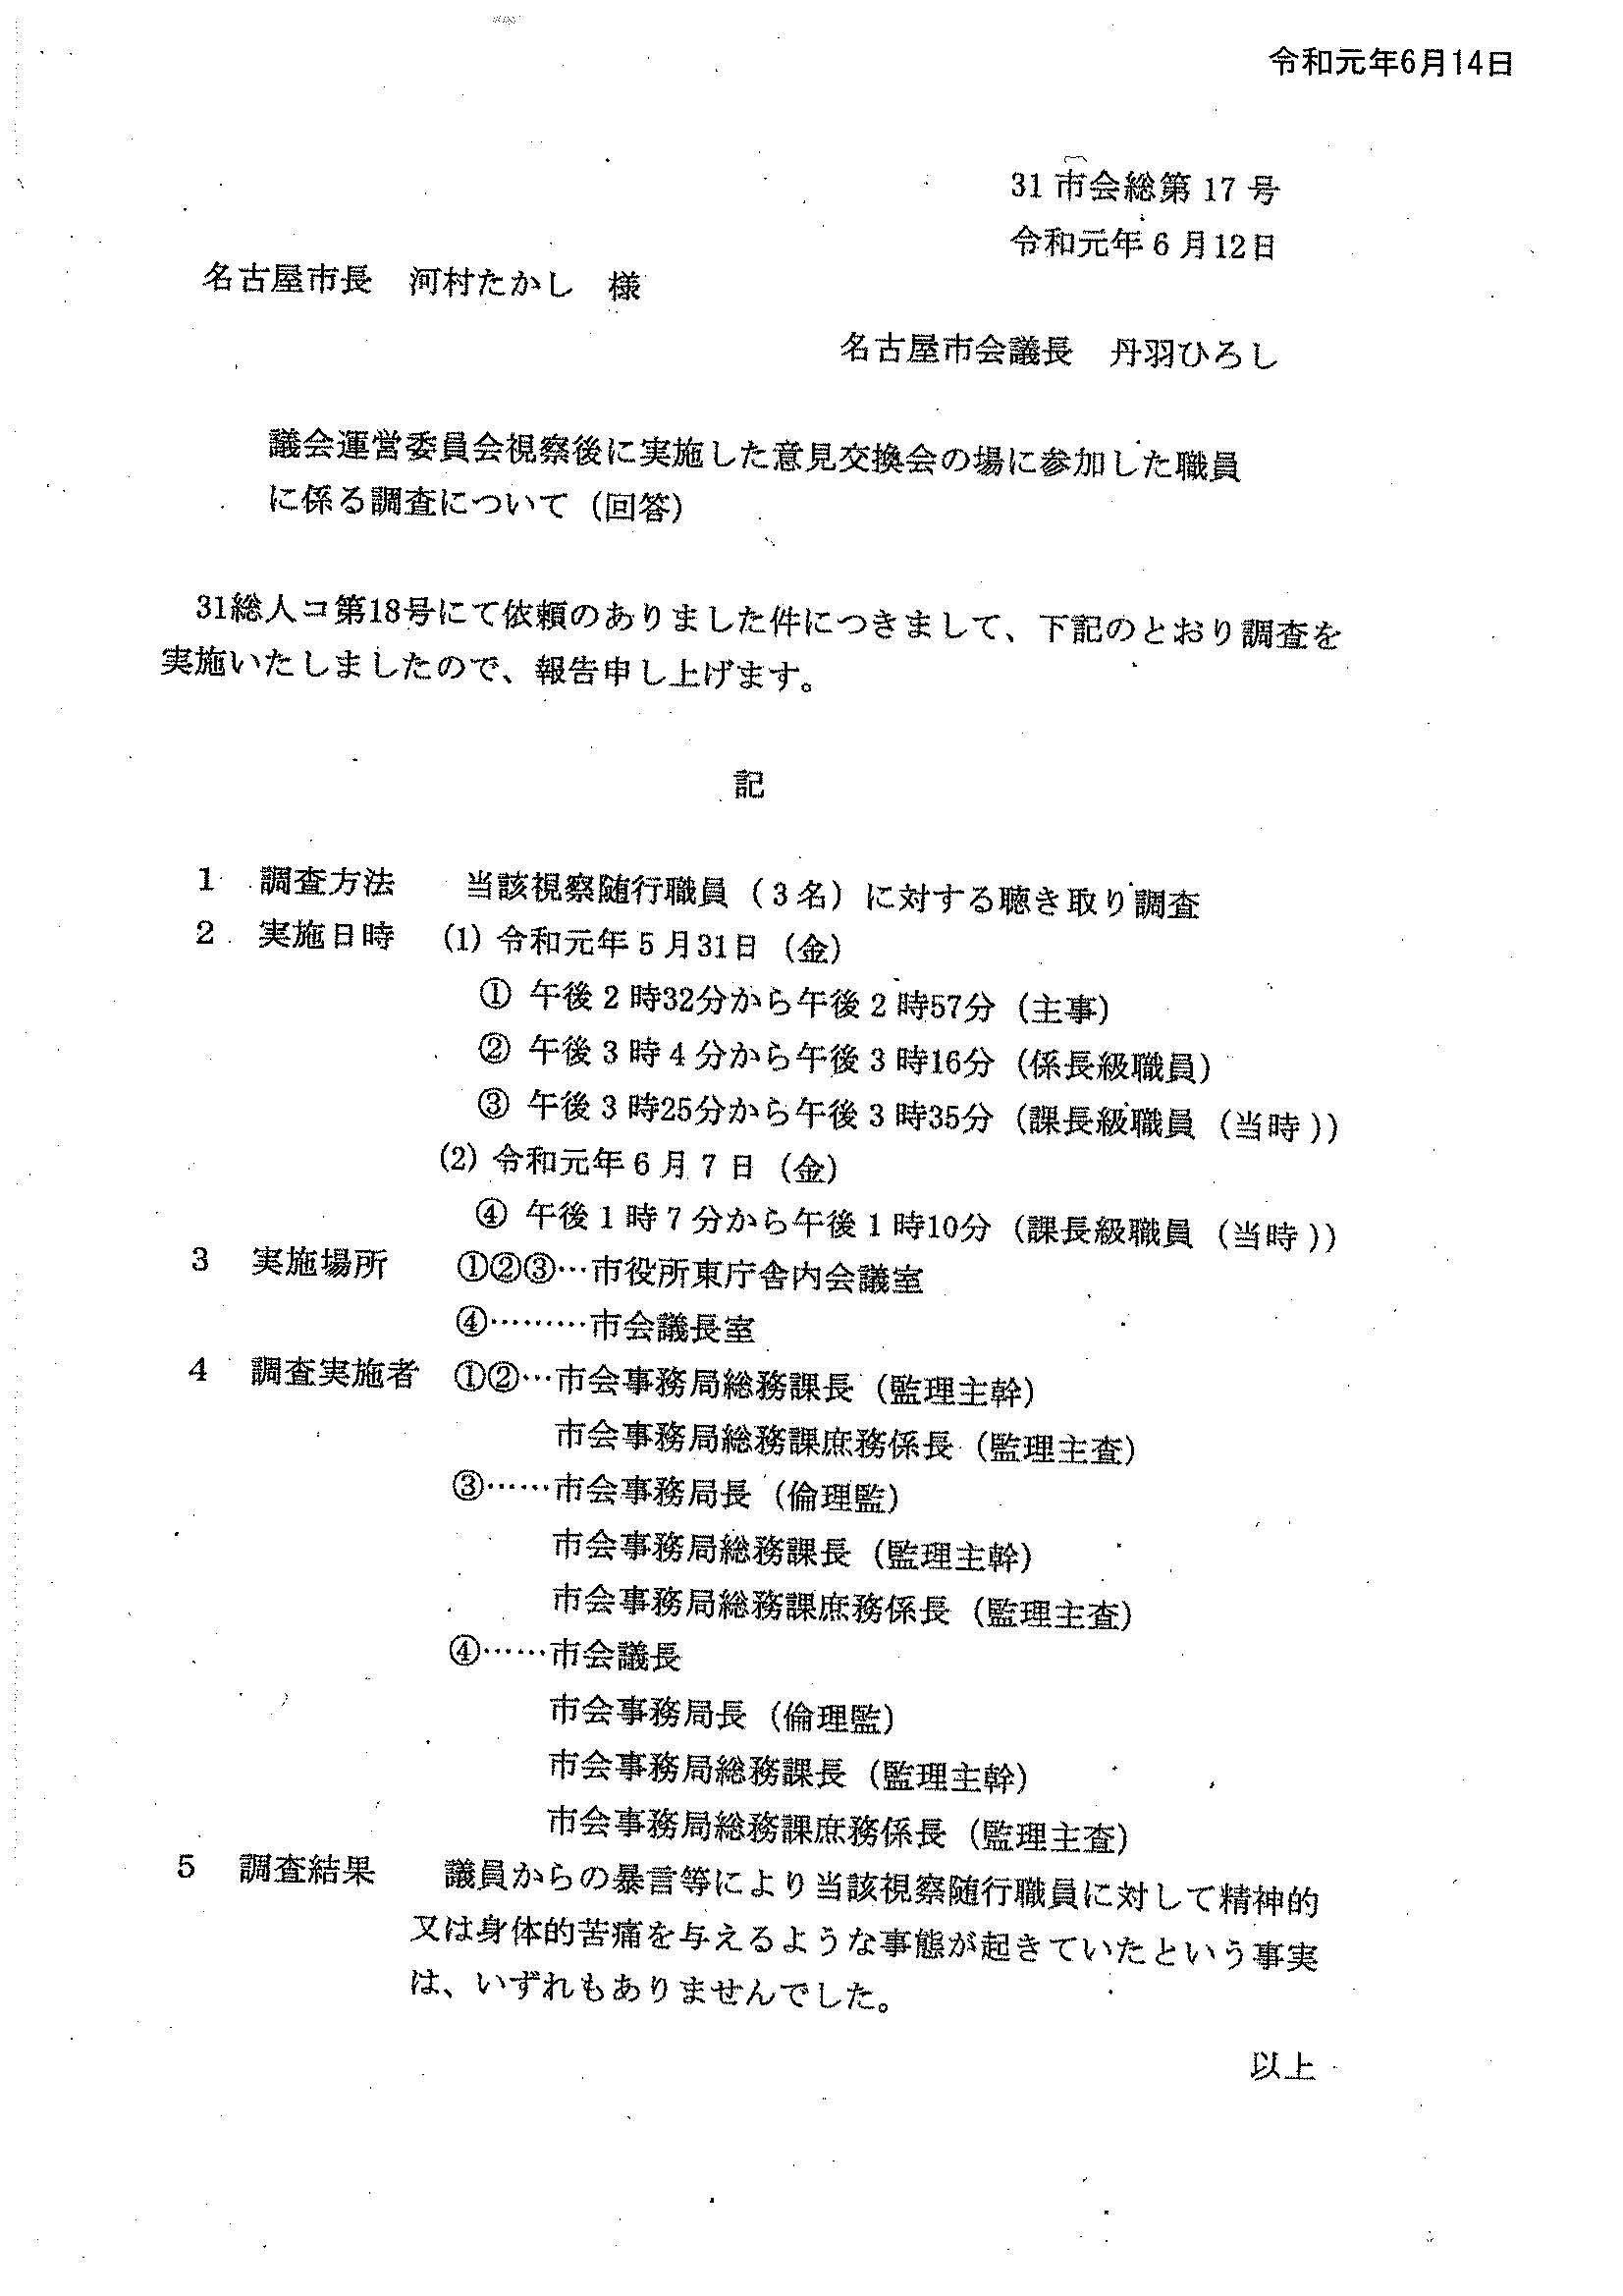 名古屋市議暴言等問題 議長は「職員に精神的・身体的苦痛の事実はなかった」と回答_d0011701_17354978.jpg